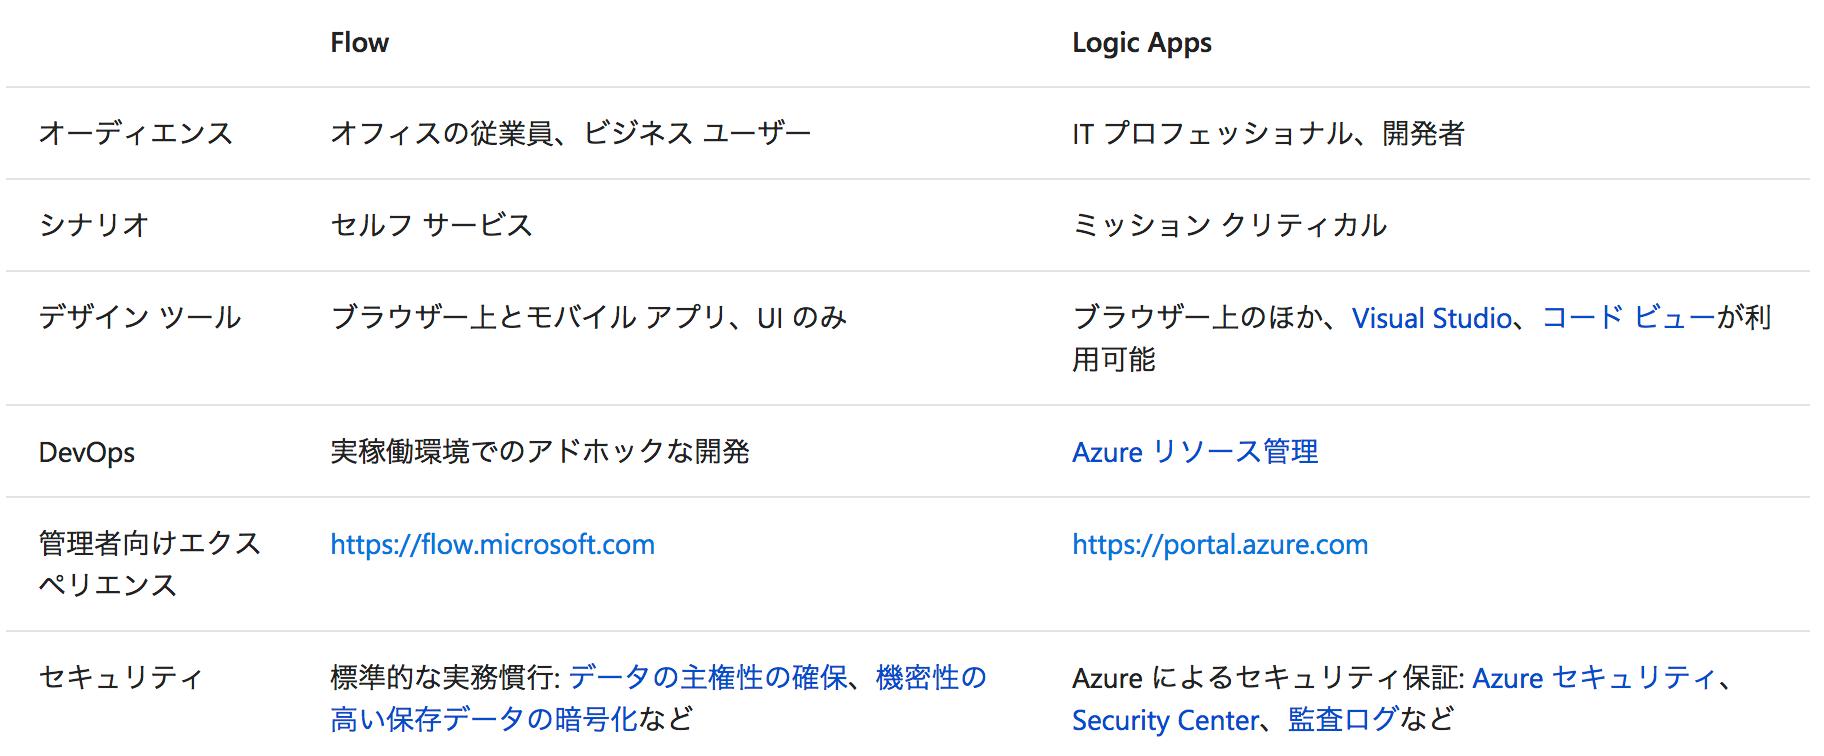 FlowとLogic Apps.png